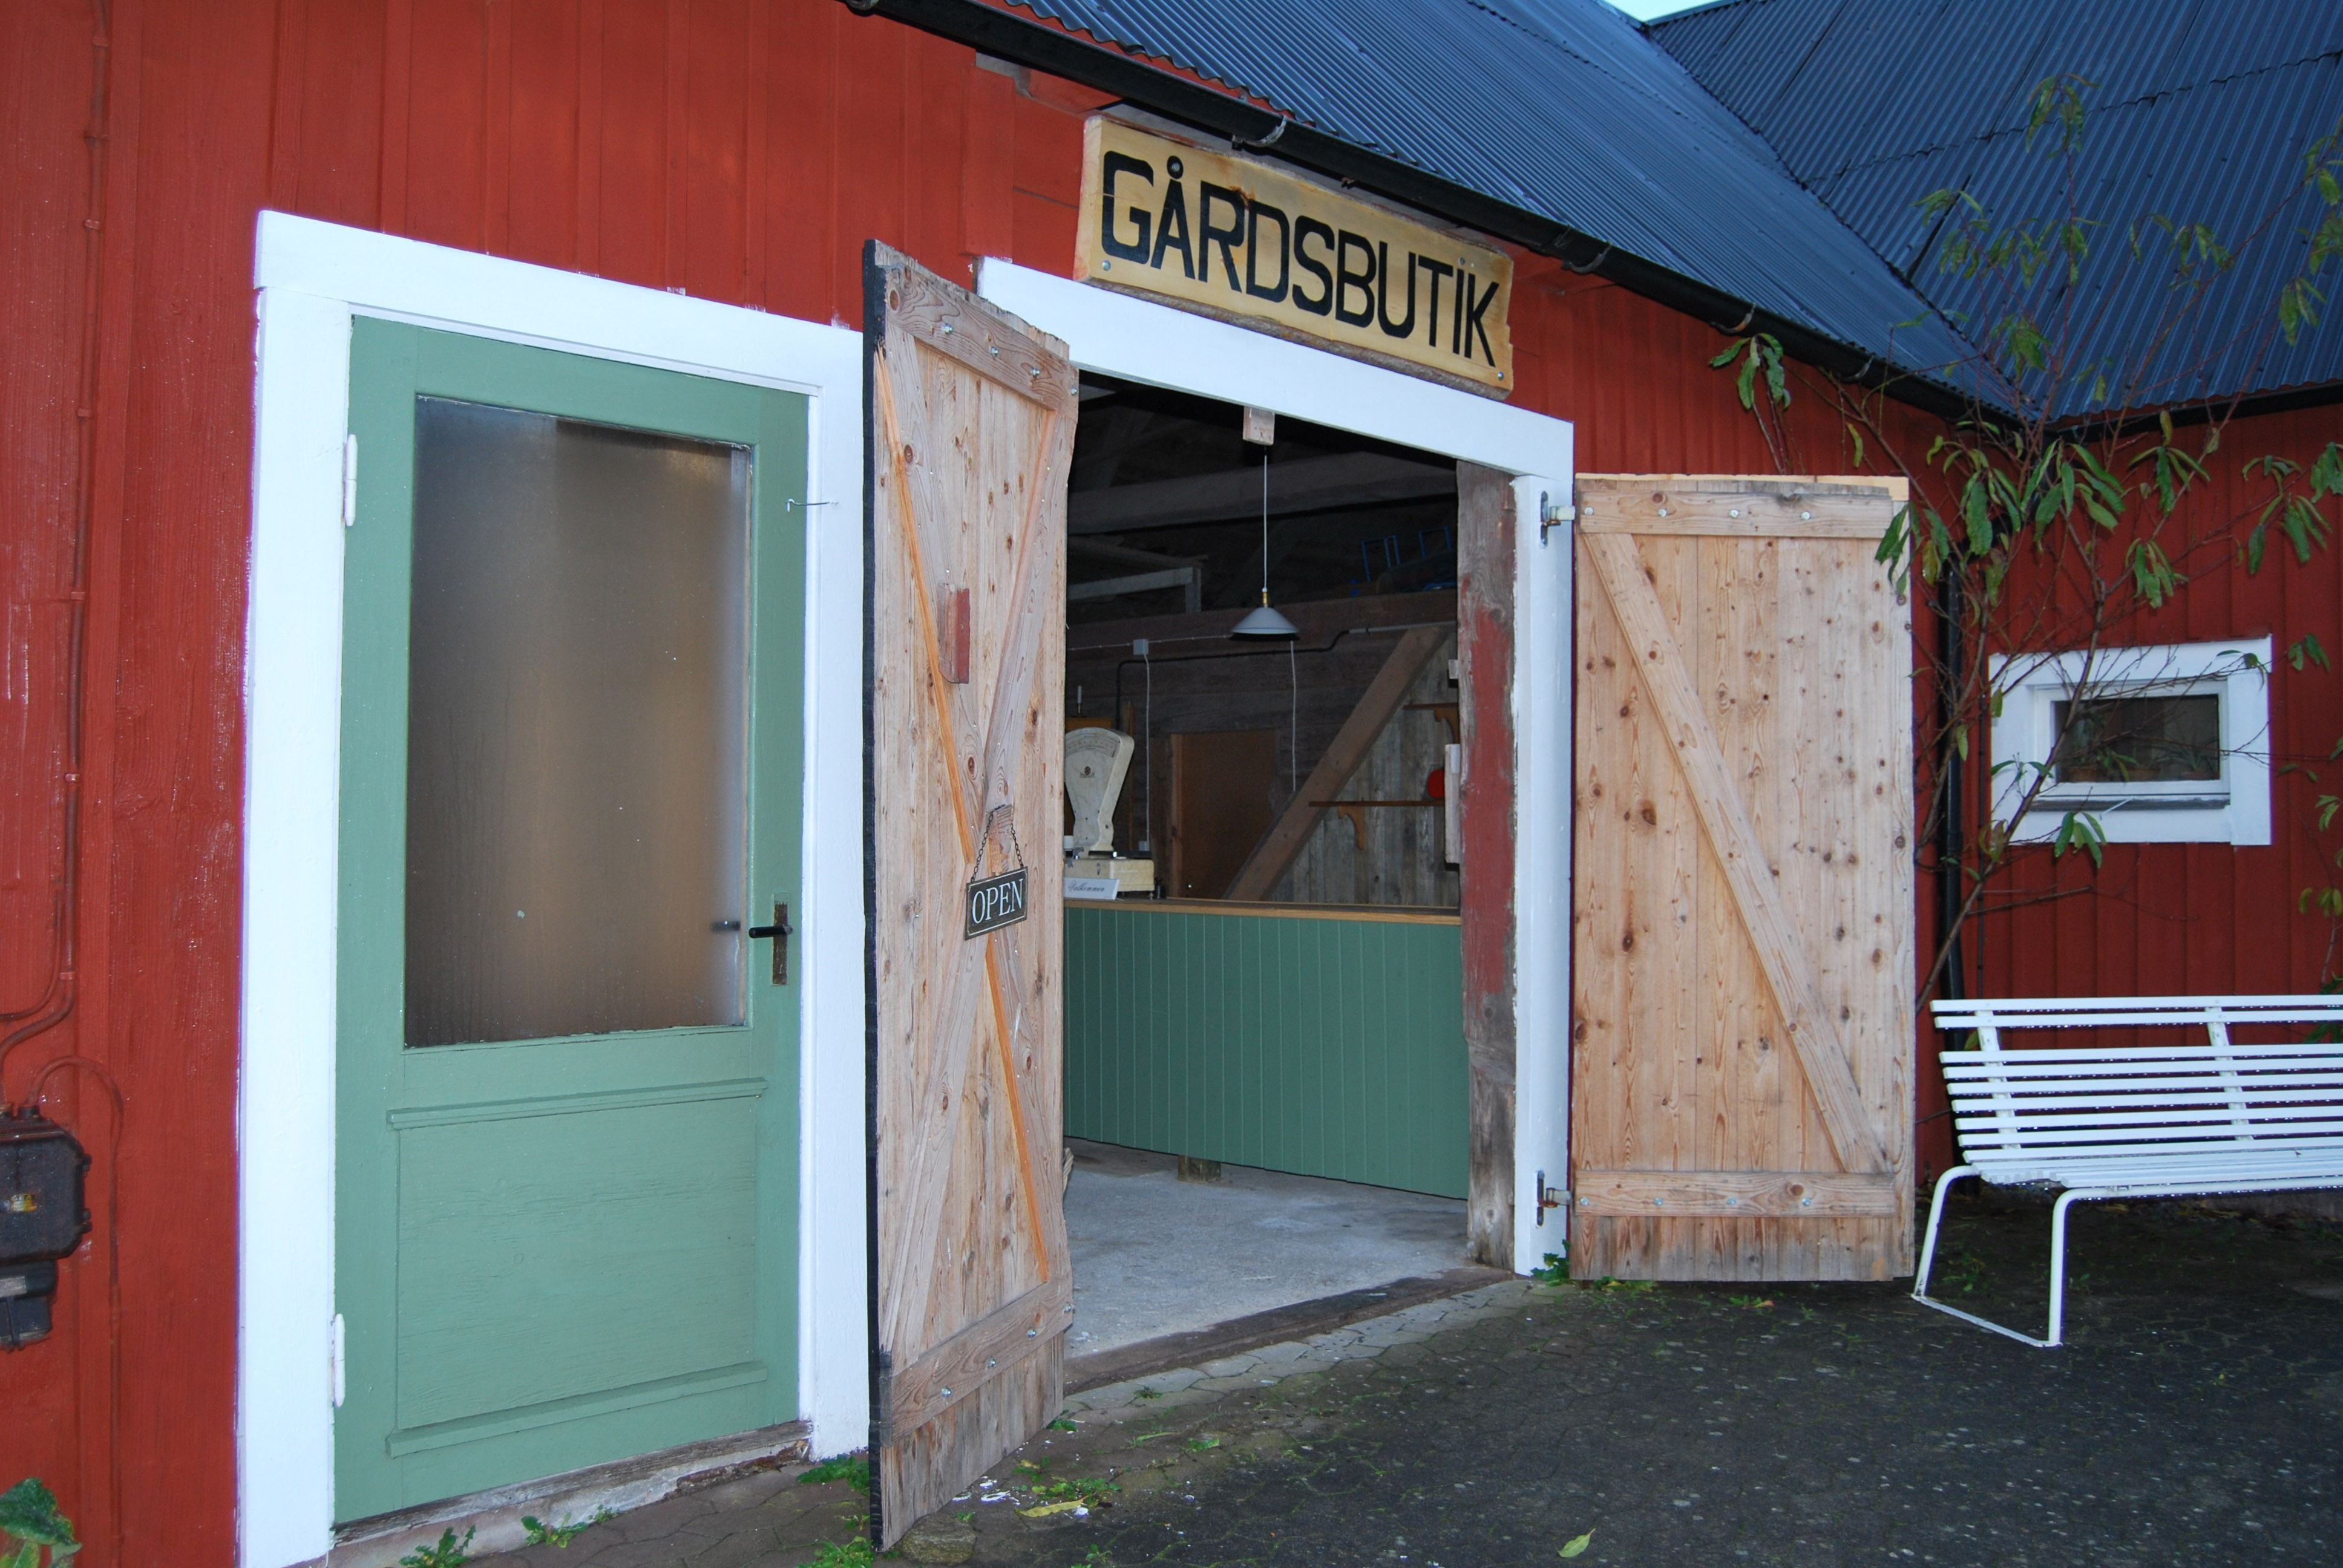 Idlinge,  © Malva Gårdsbutik, Malva Gårdsbutik